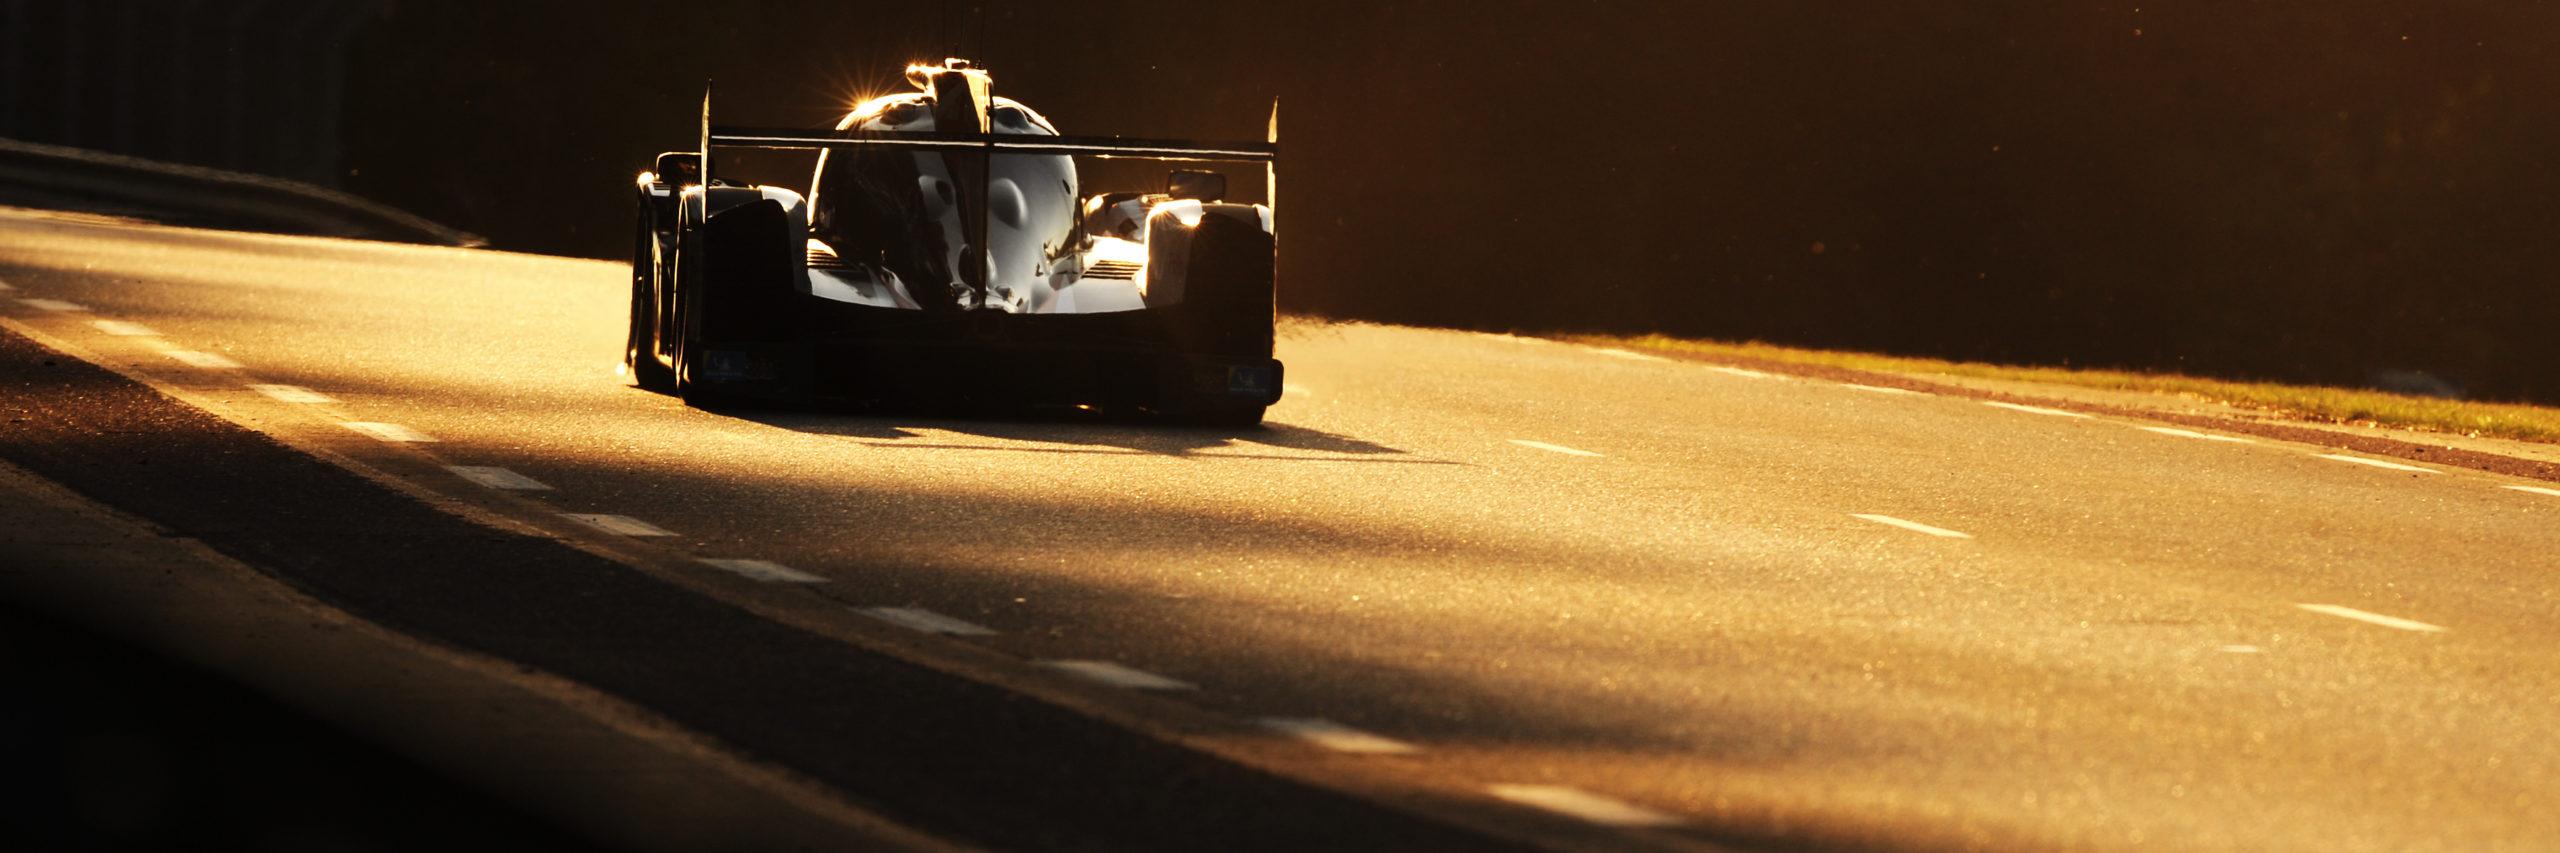 Le Mans 24 Hours slide 4